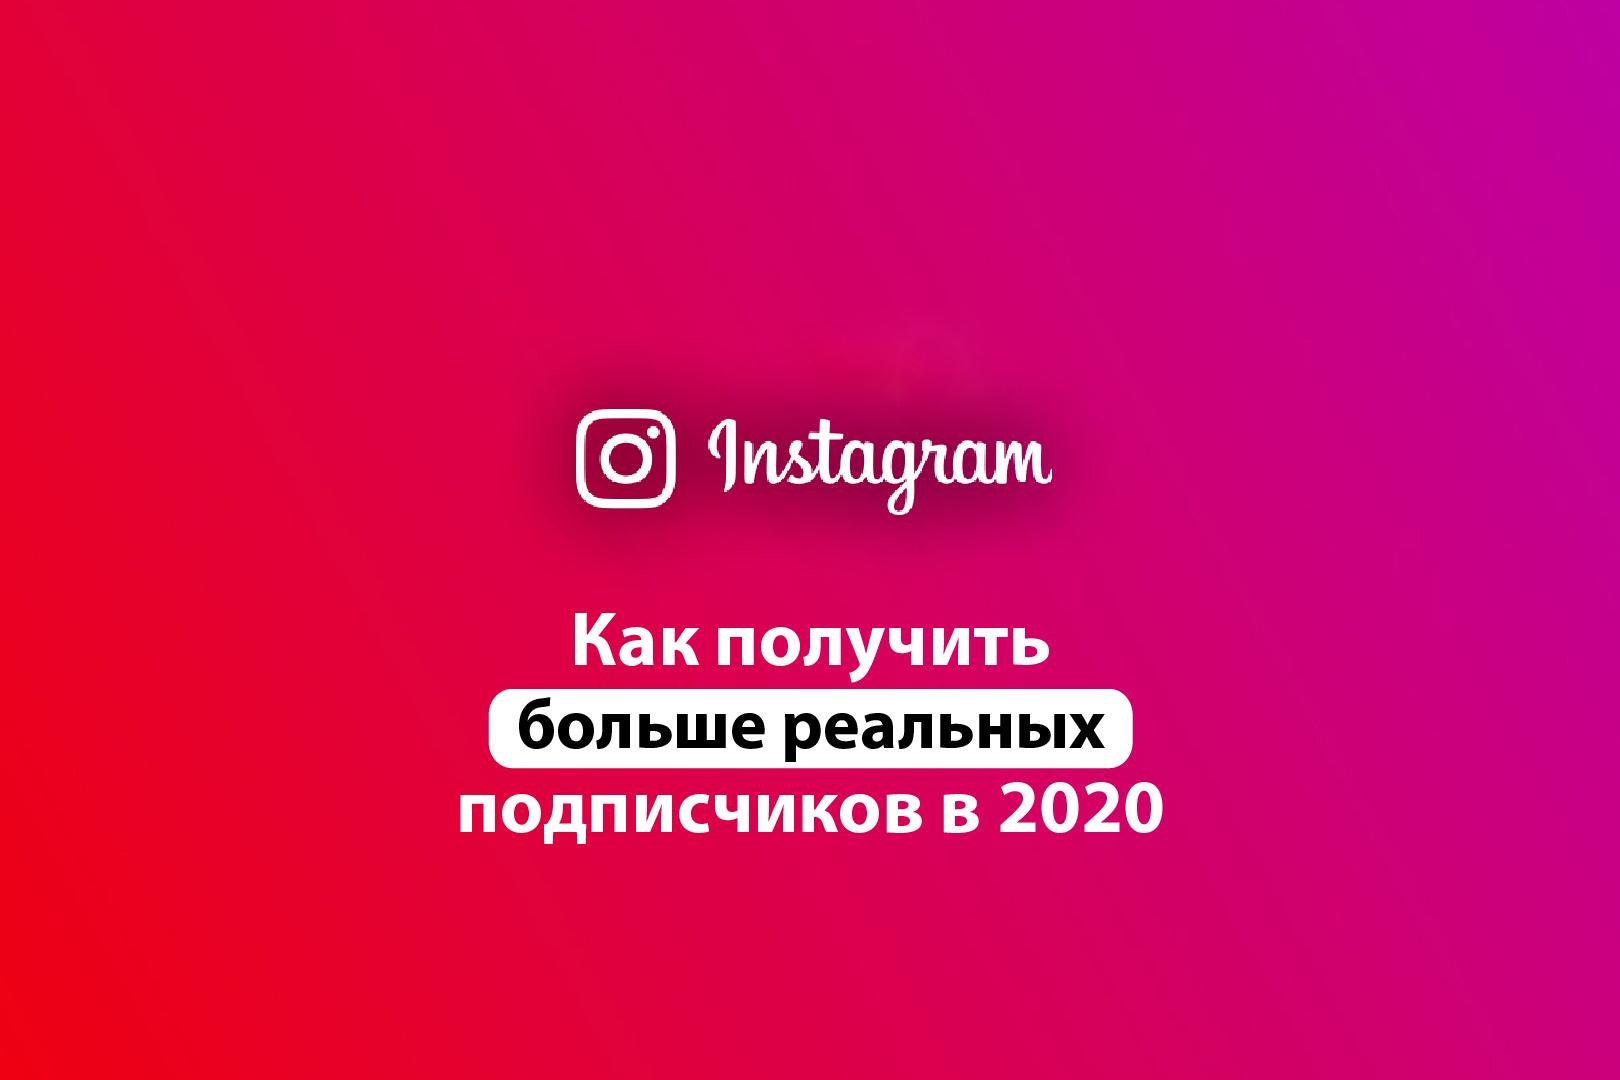 Как получить больше (реальных) подписчиков Instagram в 2021 году — 12 советов, которые работают